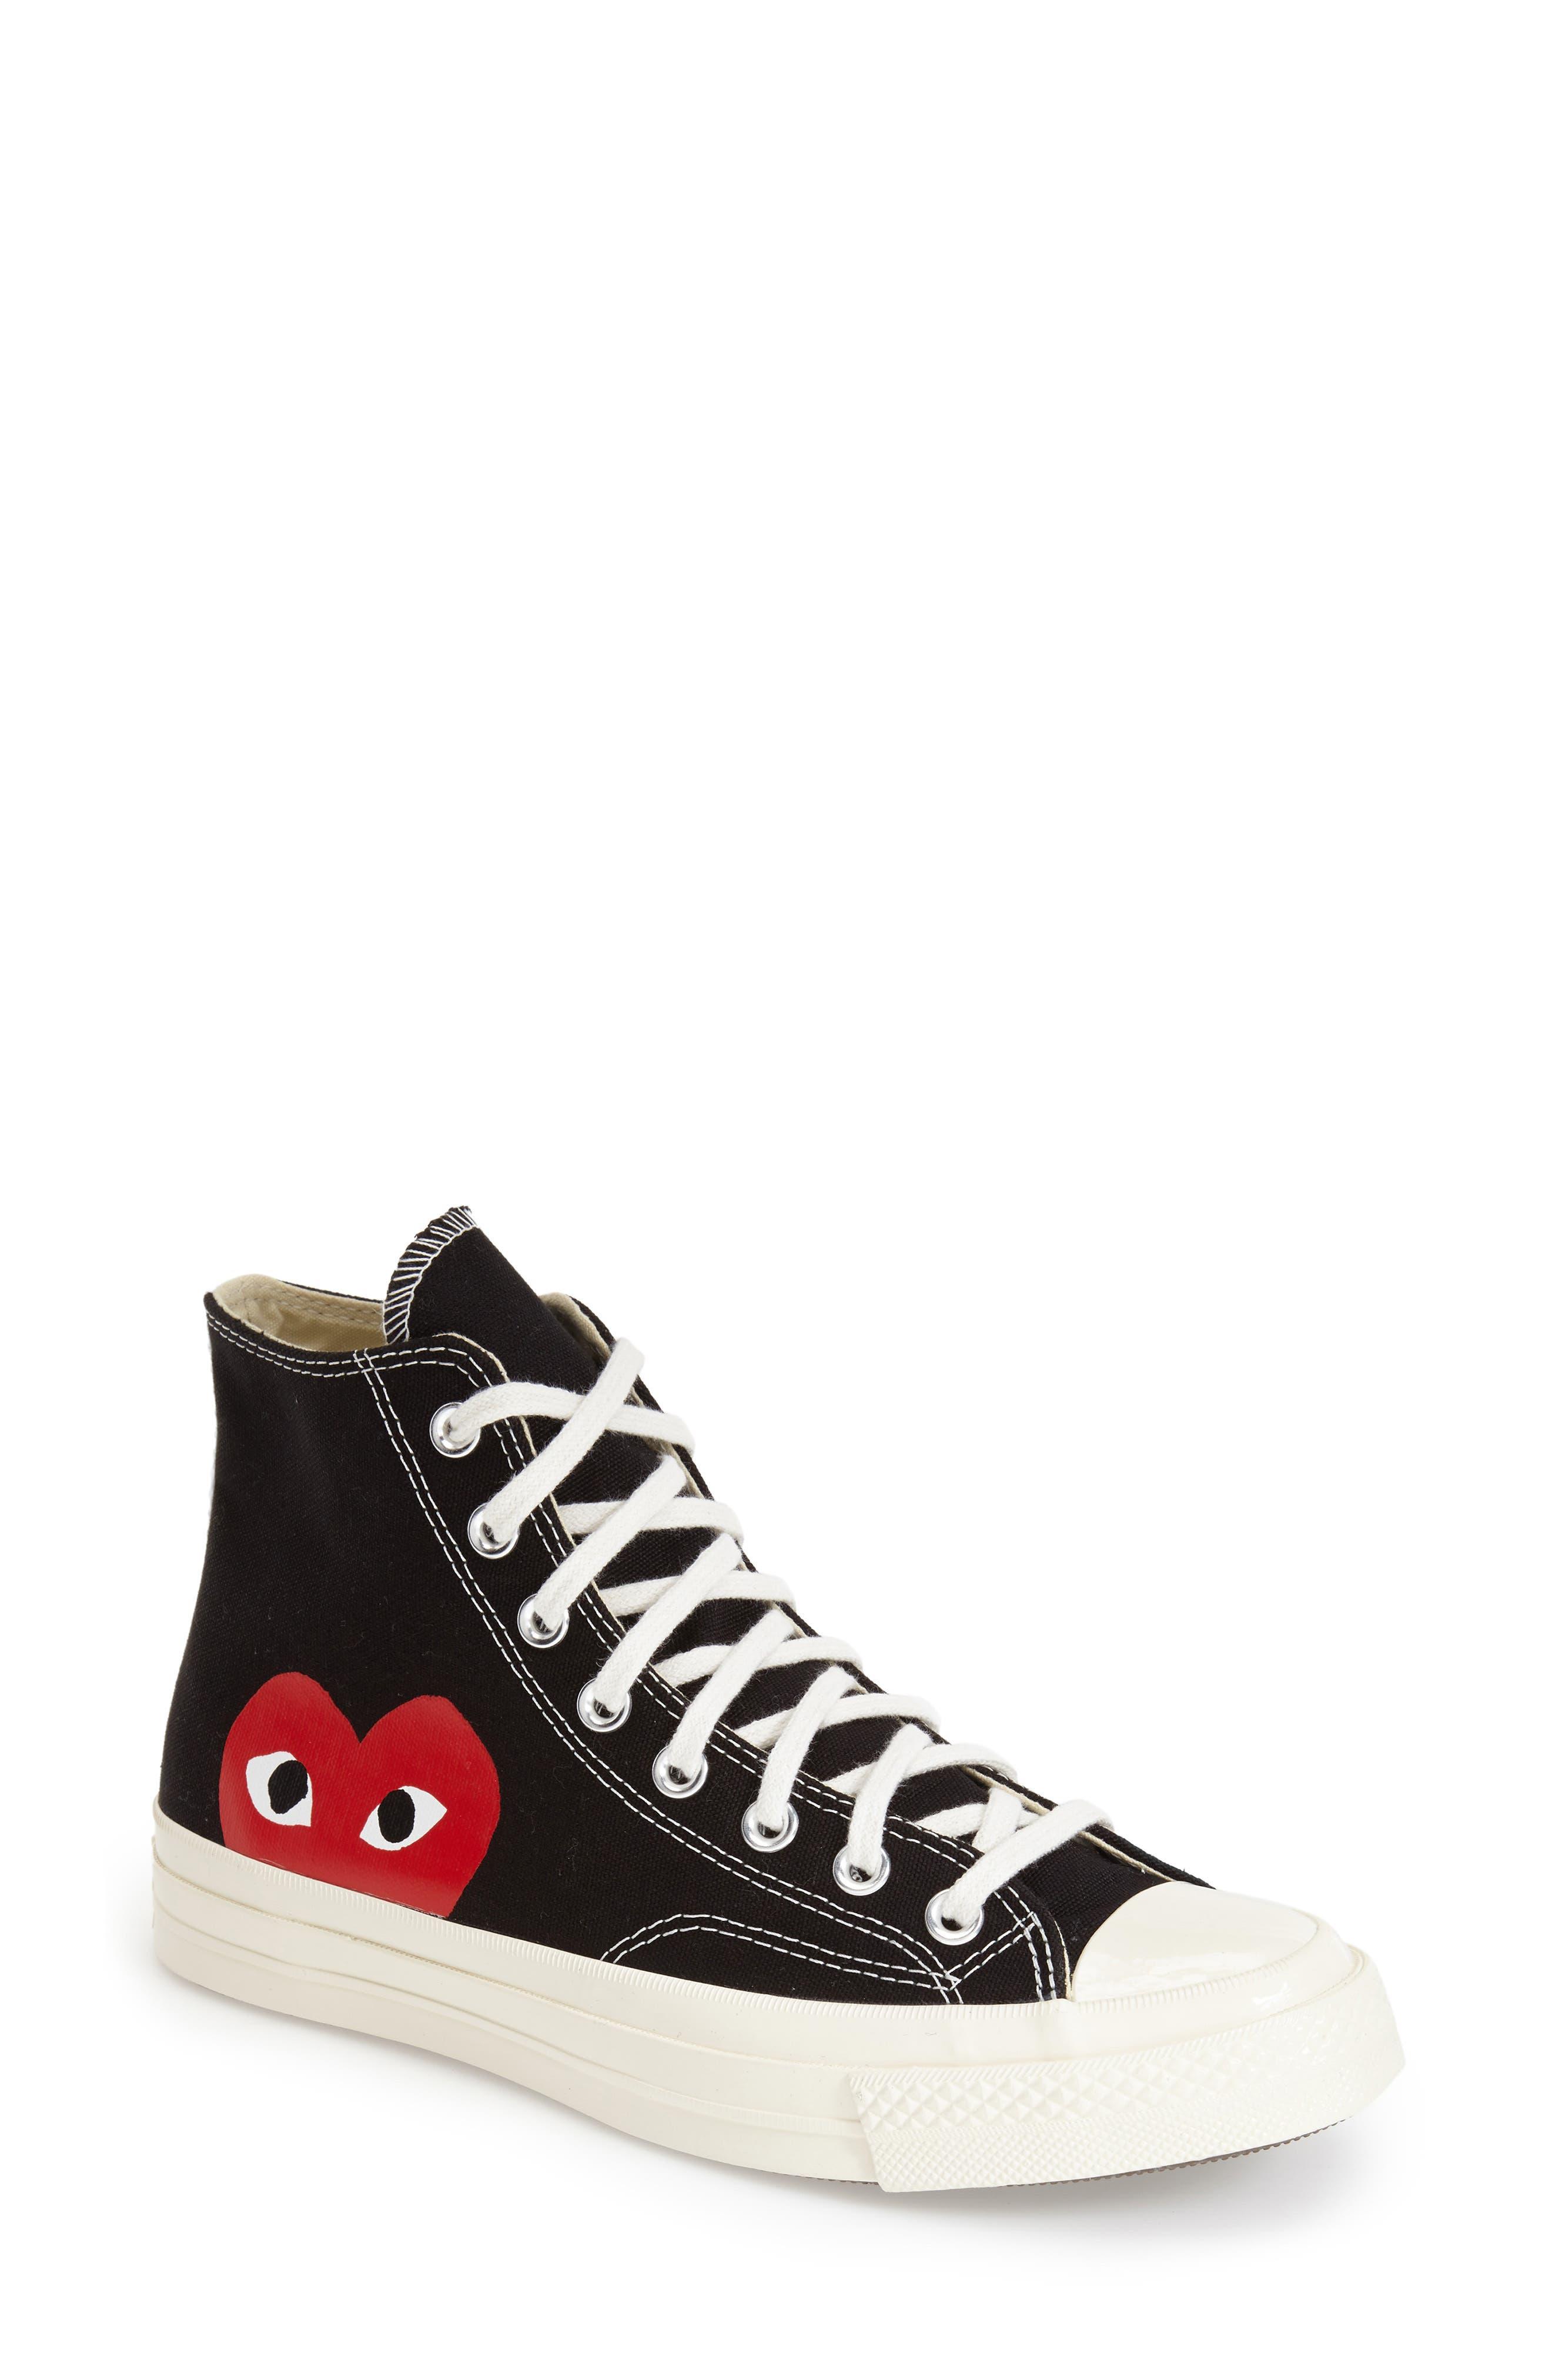 365527185738 spain cdg play x converse chuck taylor canvas 445ad b0f09  netherlands  comme des garçons play x converse chuck taylor hidden heart high top  sneaker men ...